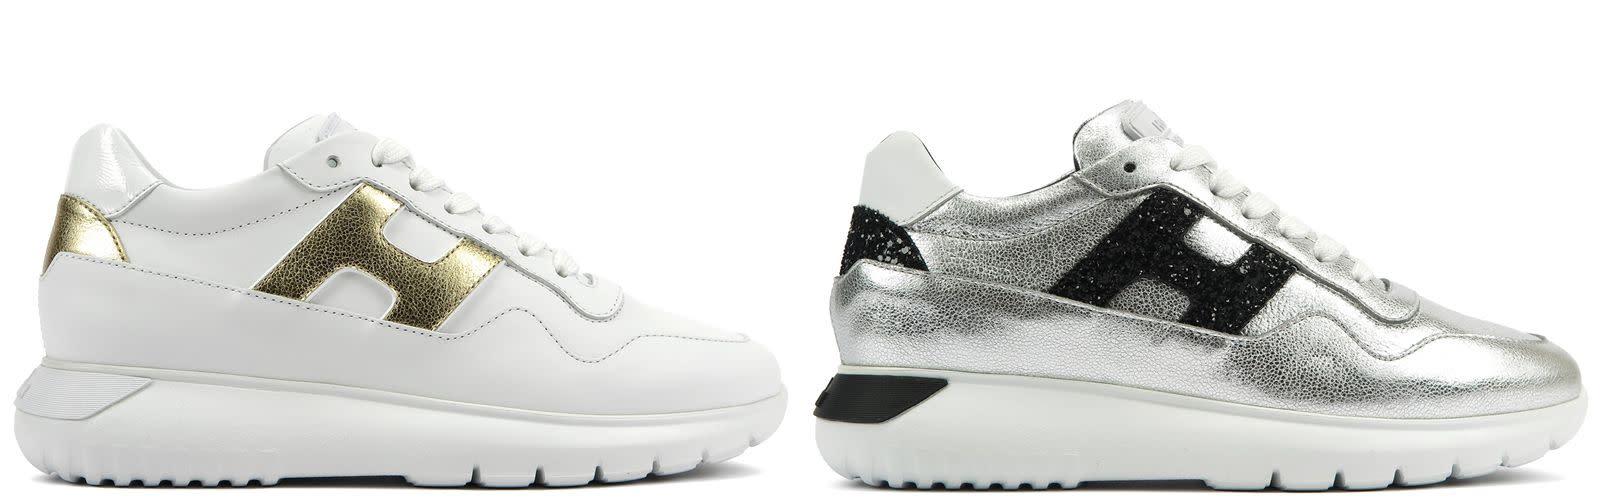 (左圖)HOGAN ICUBE金屬皮革拼接休閒鞋,NTD 16,900。  (右圖)HOGAN ICUBE金屬皮革拼接休閒鞋,NTD 16,900。